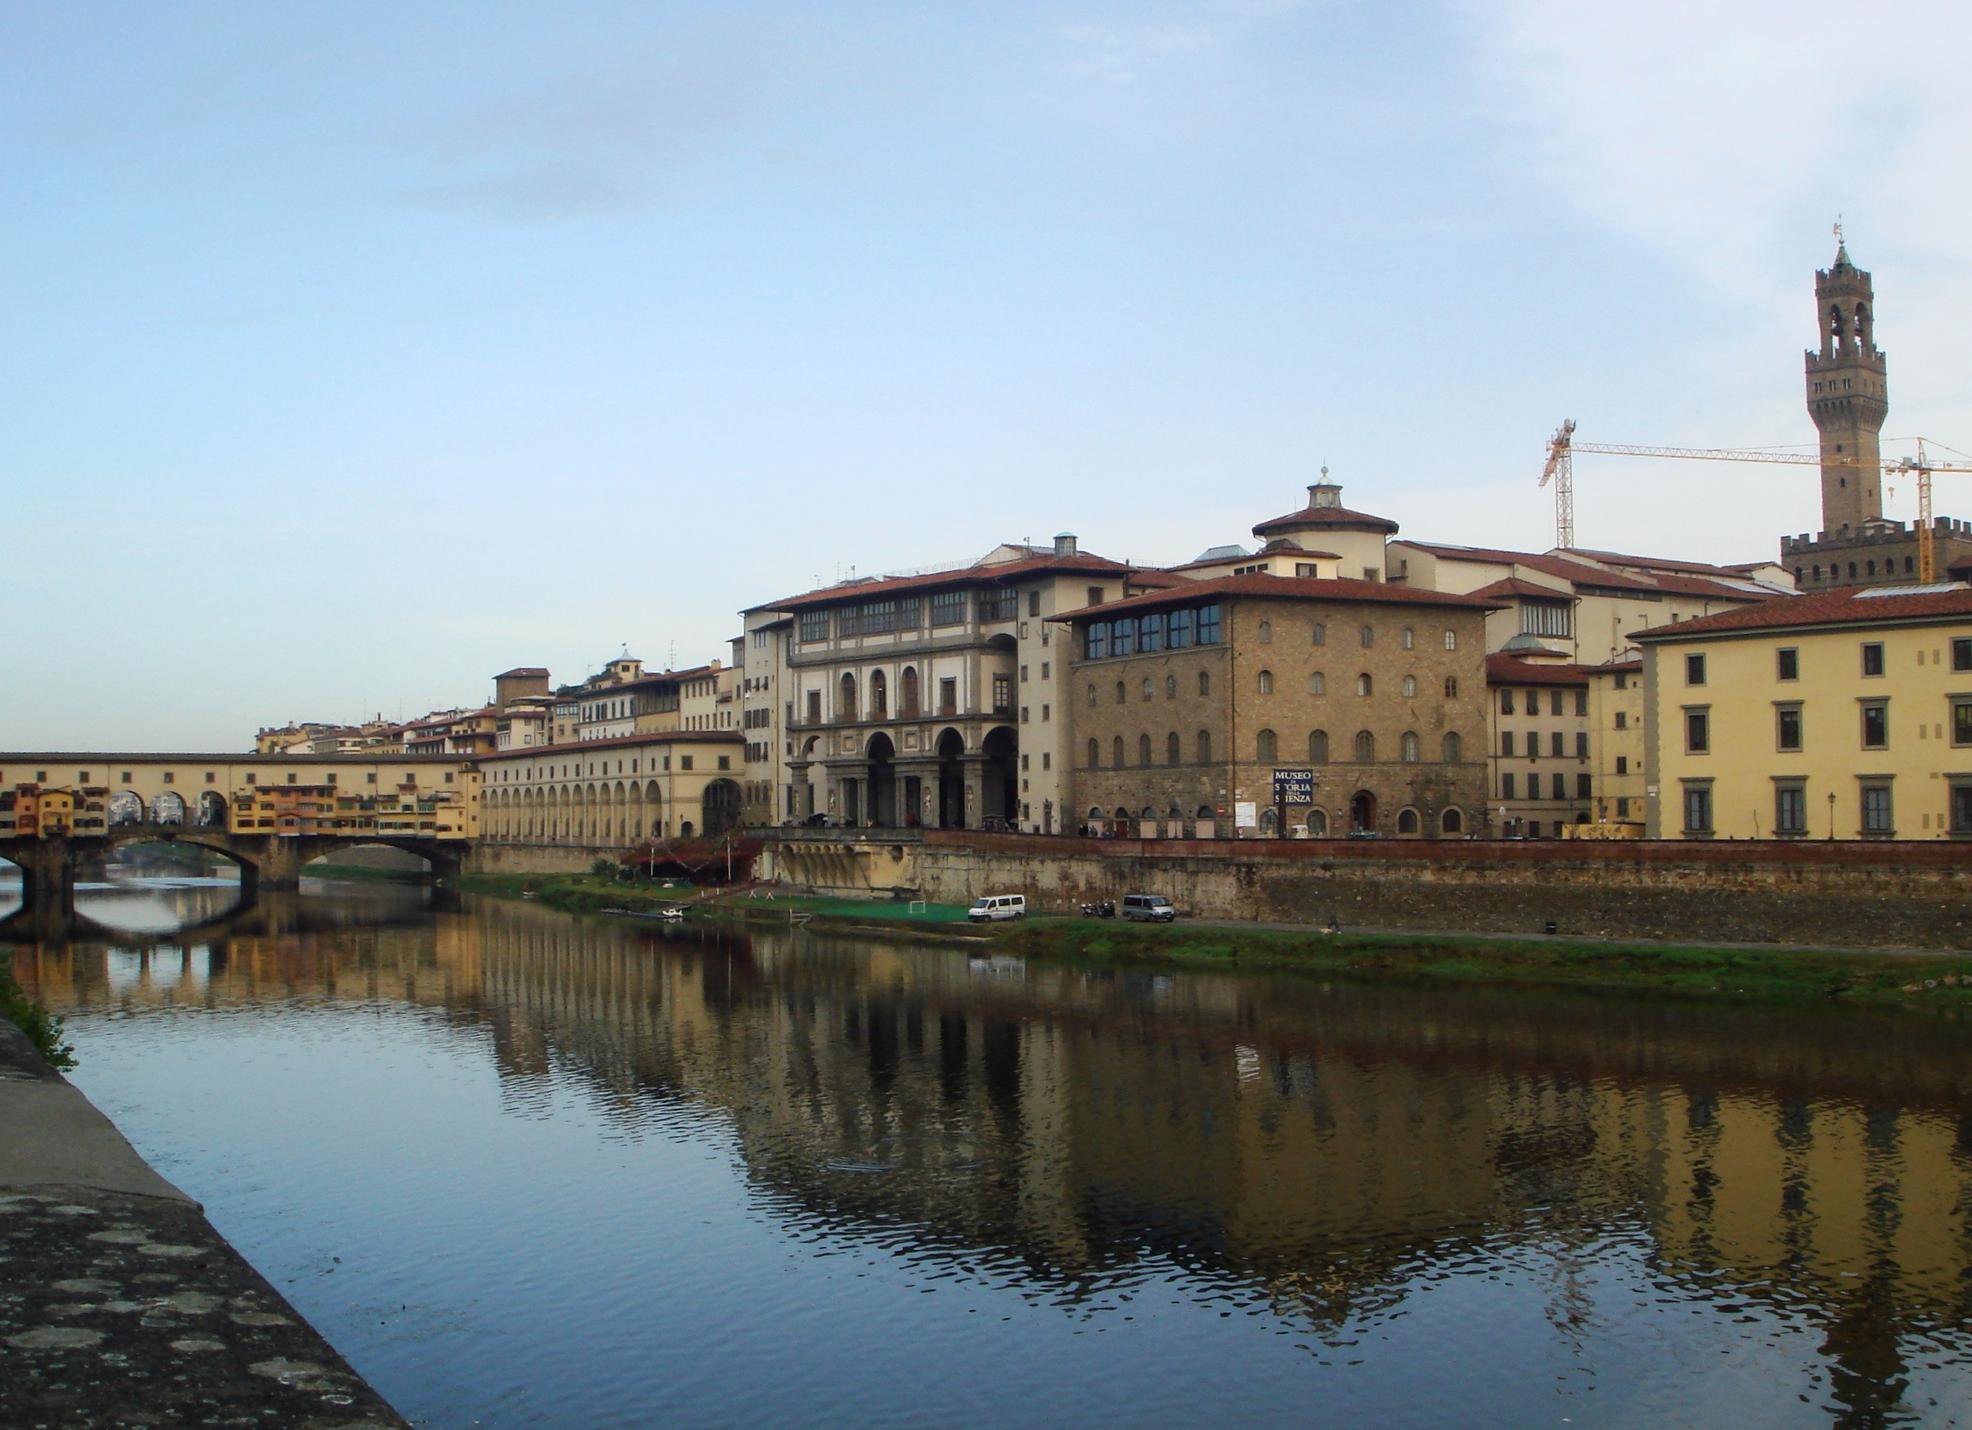 9746 - Firenze - L'Arno e gli Uffizi - Foto Giovanni Dall'Orto, 27-Oct-2007.jpg